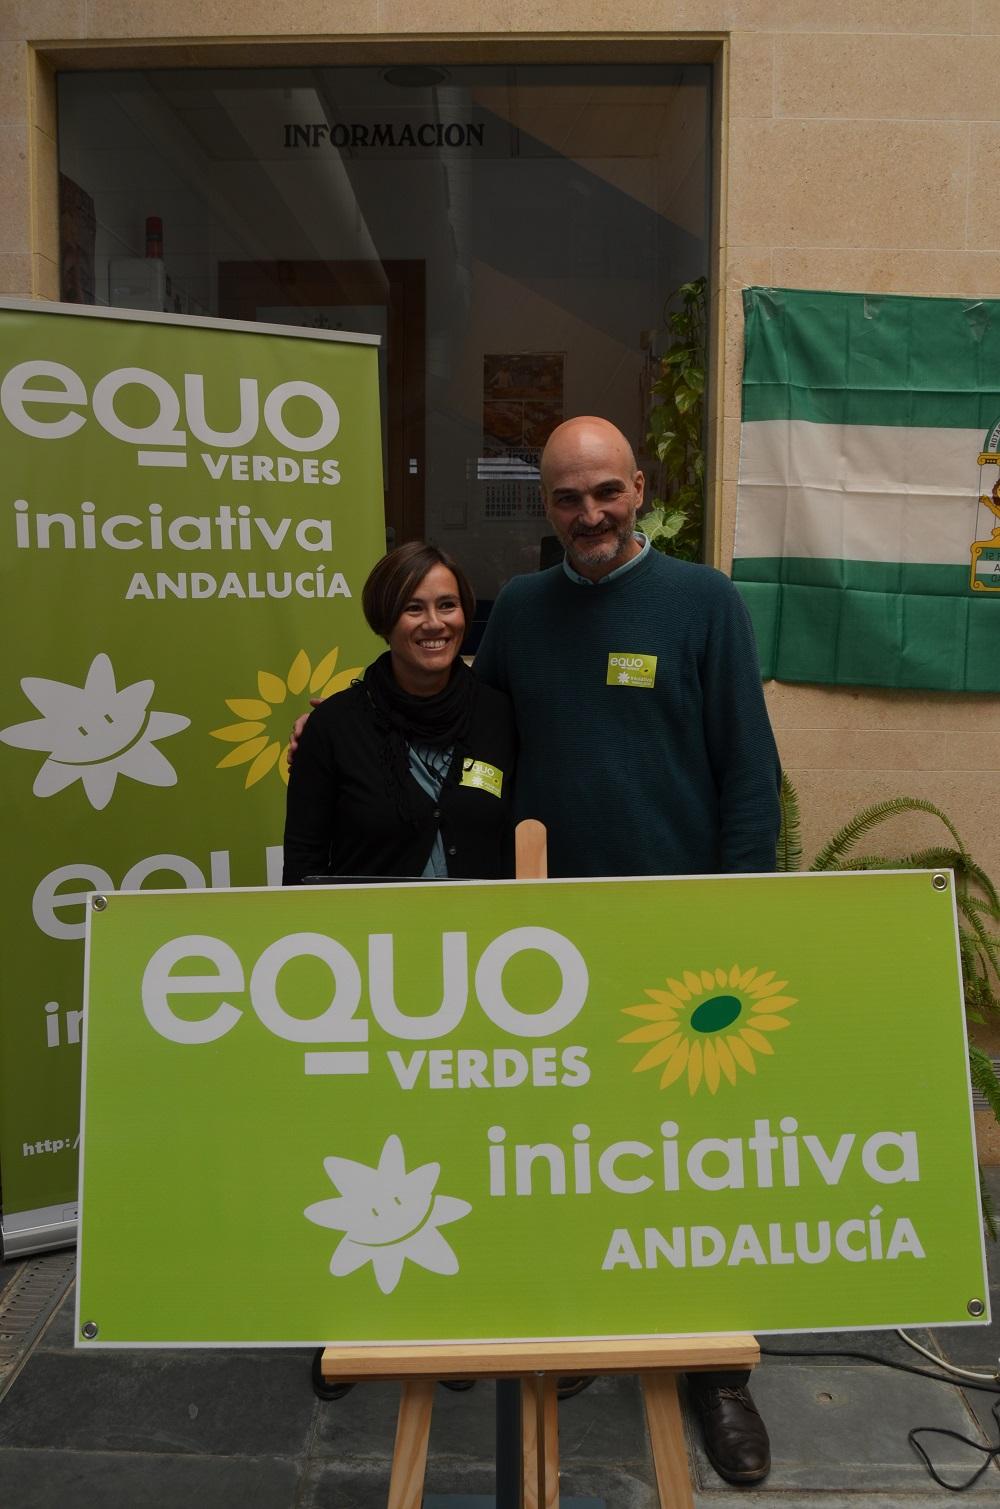 Foto de Inma del Pino y Esteban de Manuel en Herrera, presentando EQUO VERDES - INICIATIVA ANDALUCÍA